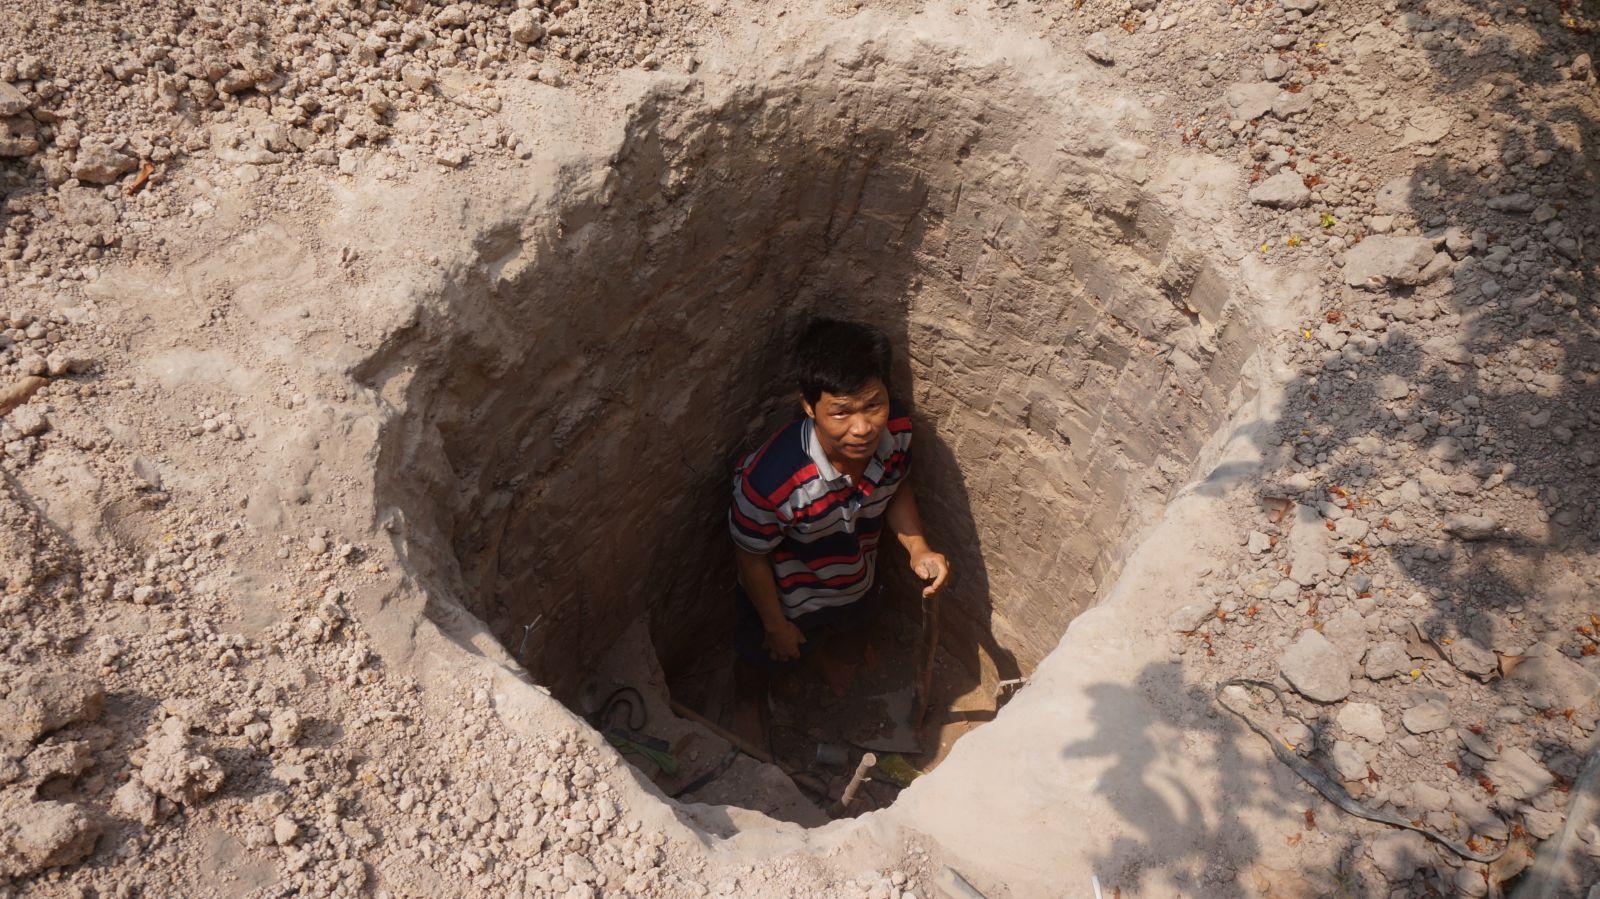 Thời điểm quí II-2019, nhiều giếng nước xung quanh khu vực hầm đất bị mất nước, tụt nước đột ngột. Người dân phải đào hố sâu để hạ đặt máy bơm xuống bơm nước